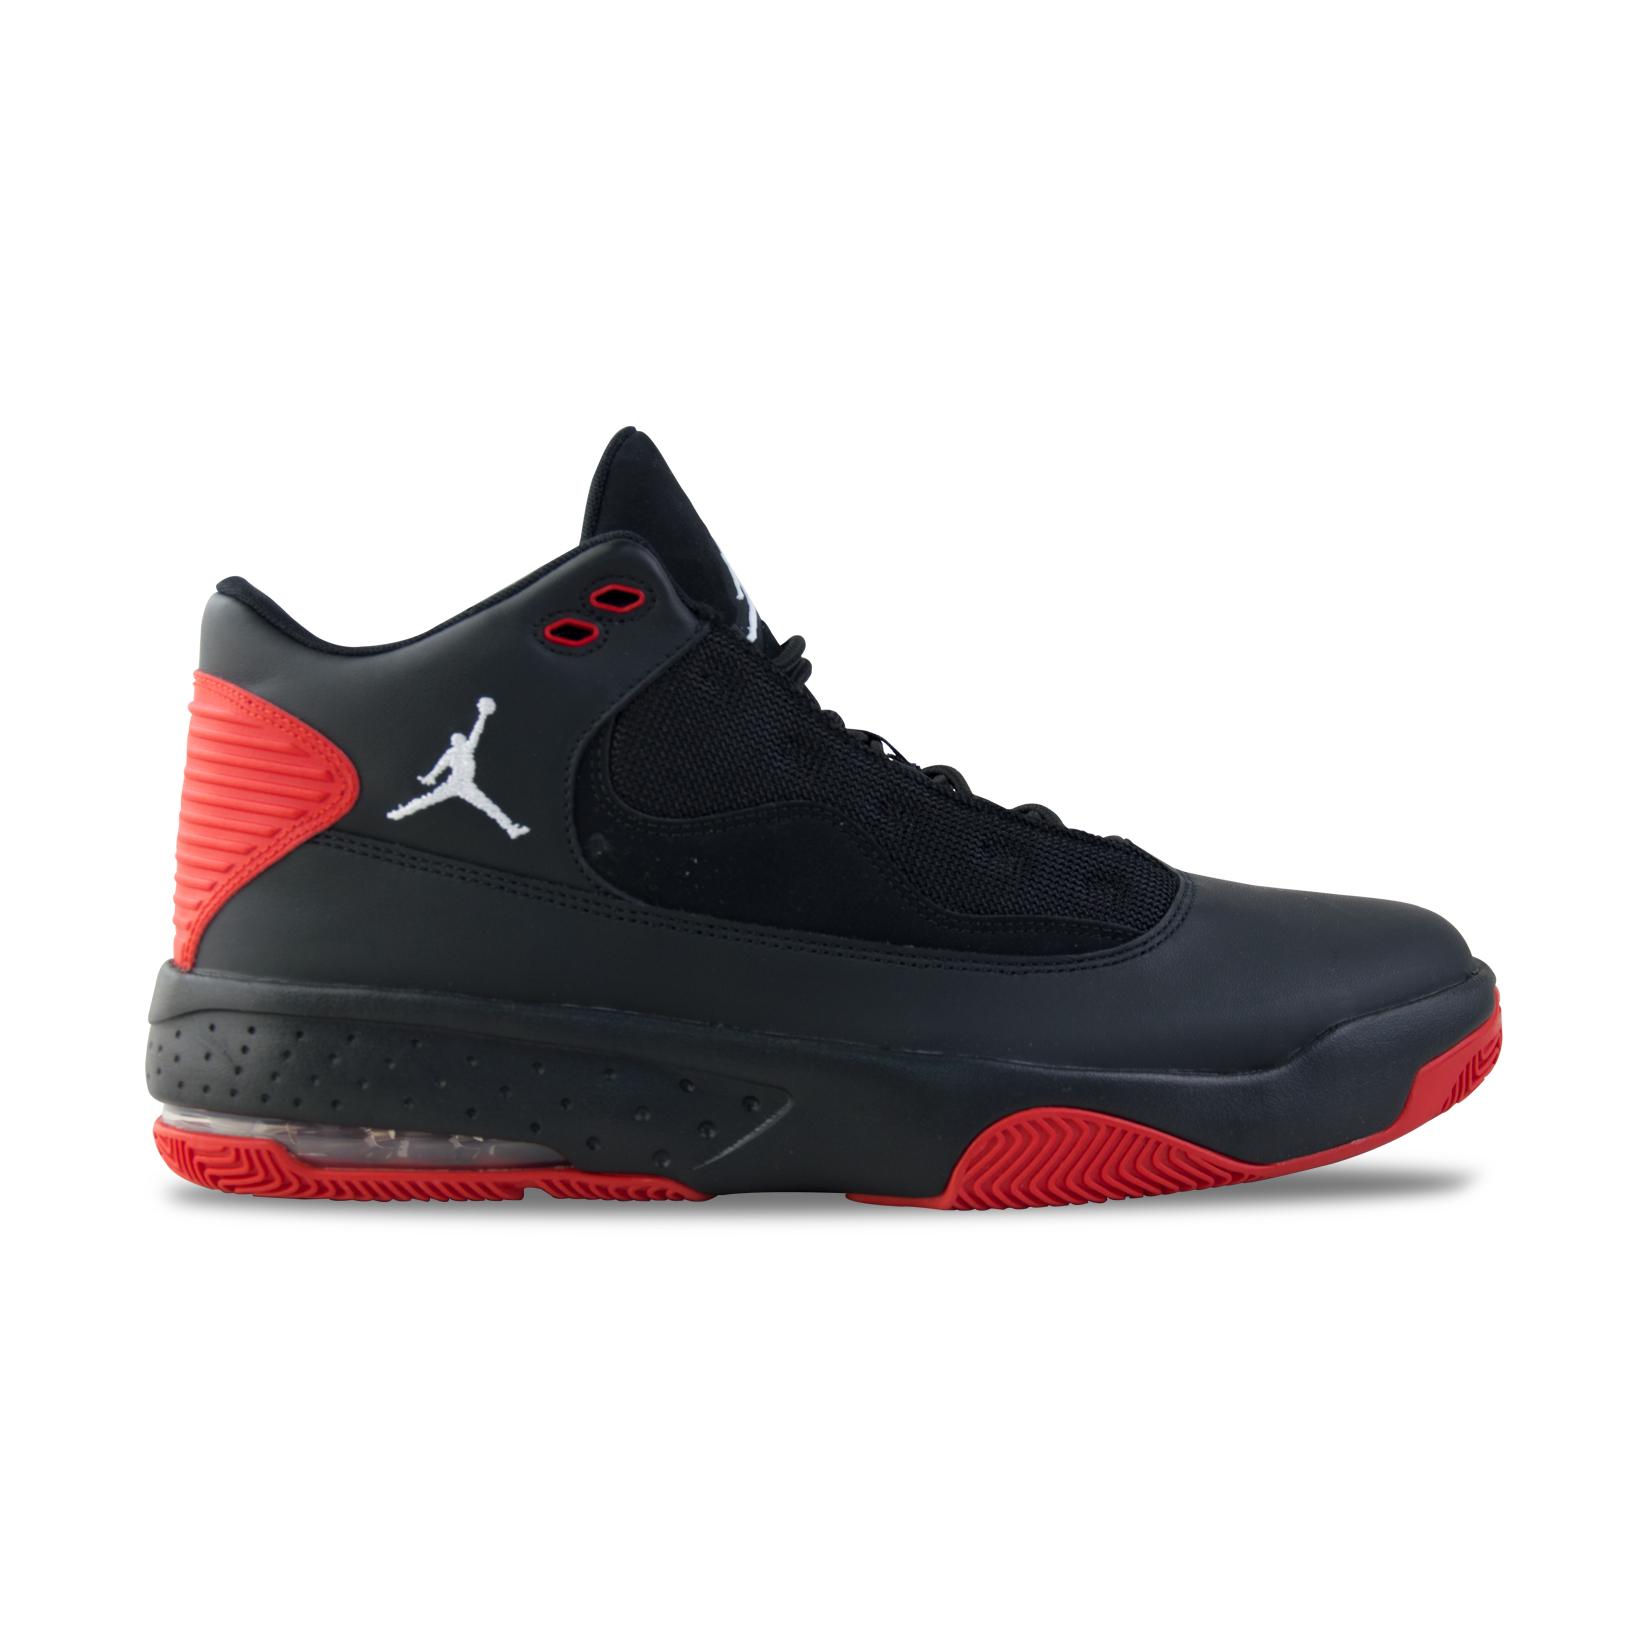 Jordan Max Aura 2 Black - Red